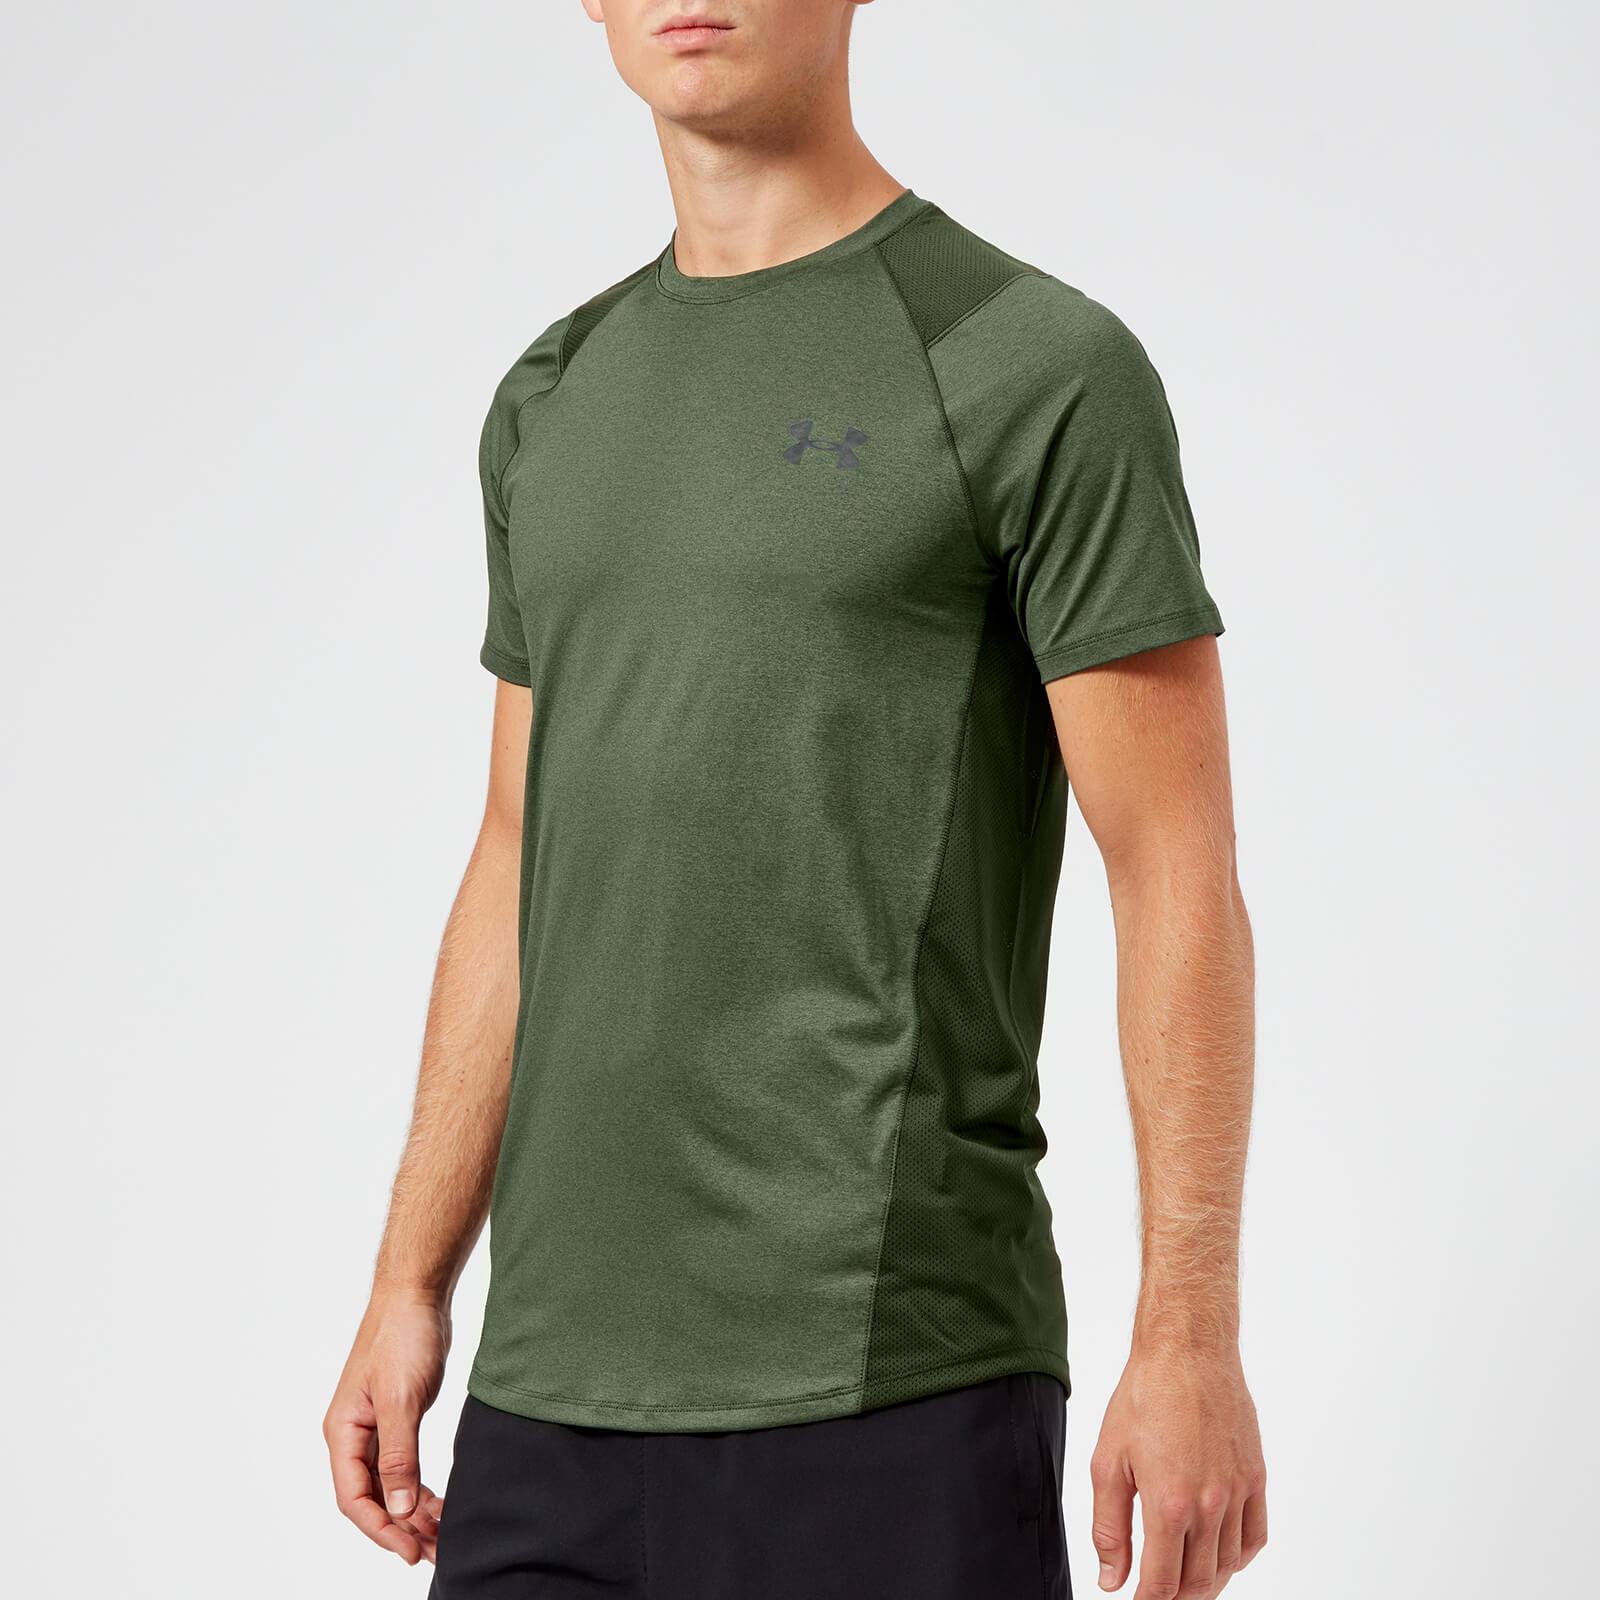 3491a76d Under Armour Men's MK1 Short Sleeve T-Shirt - Artillery Green